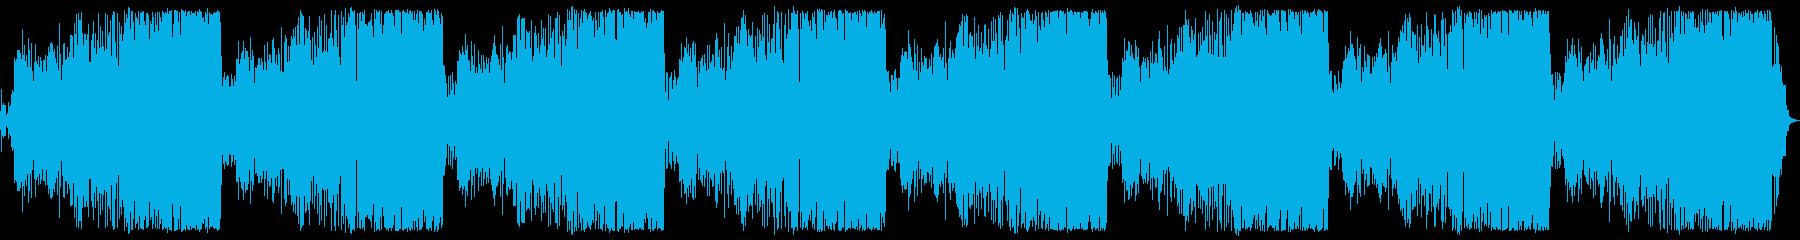 ロングバージョン(11分)の再生済みの波形